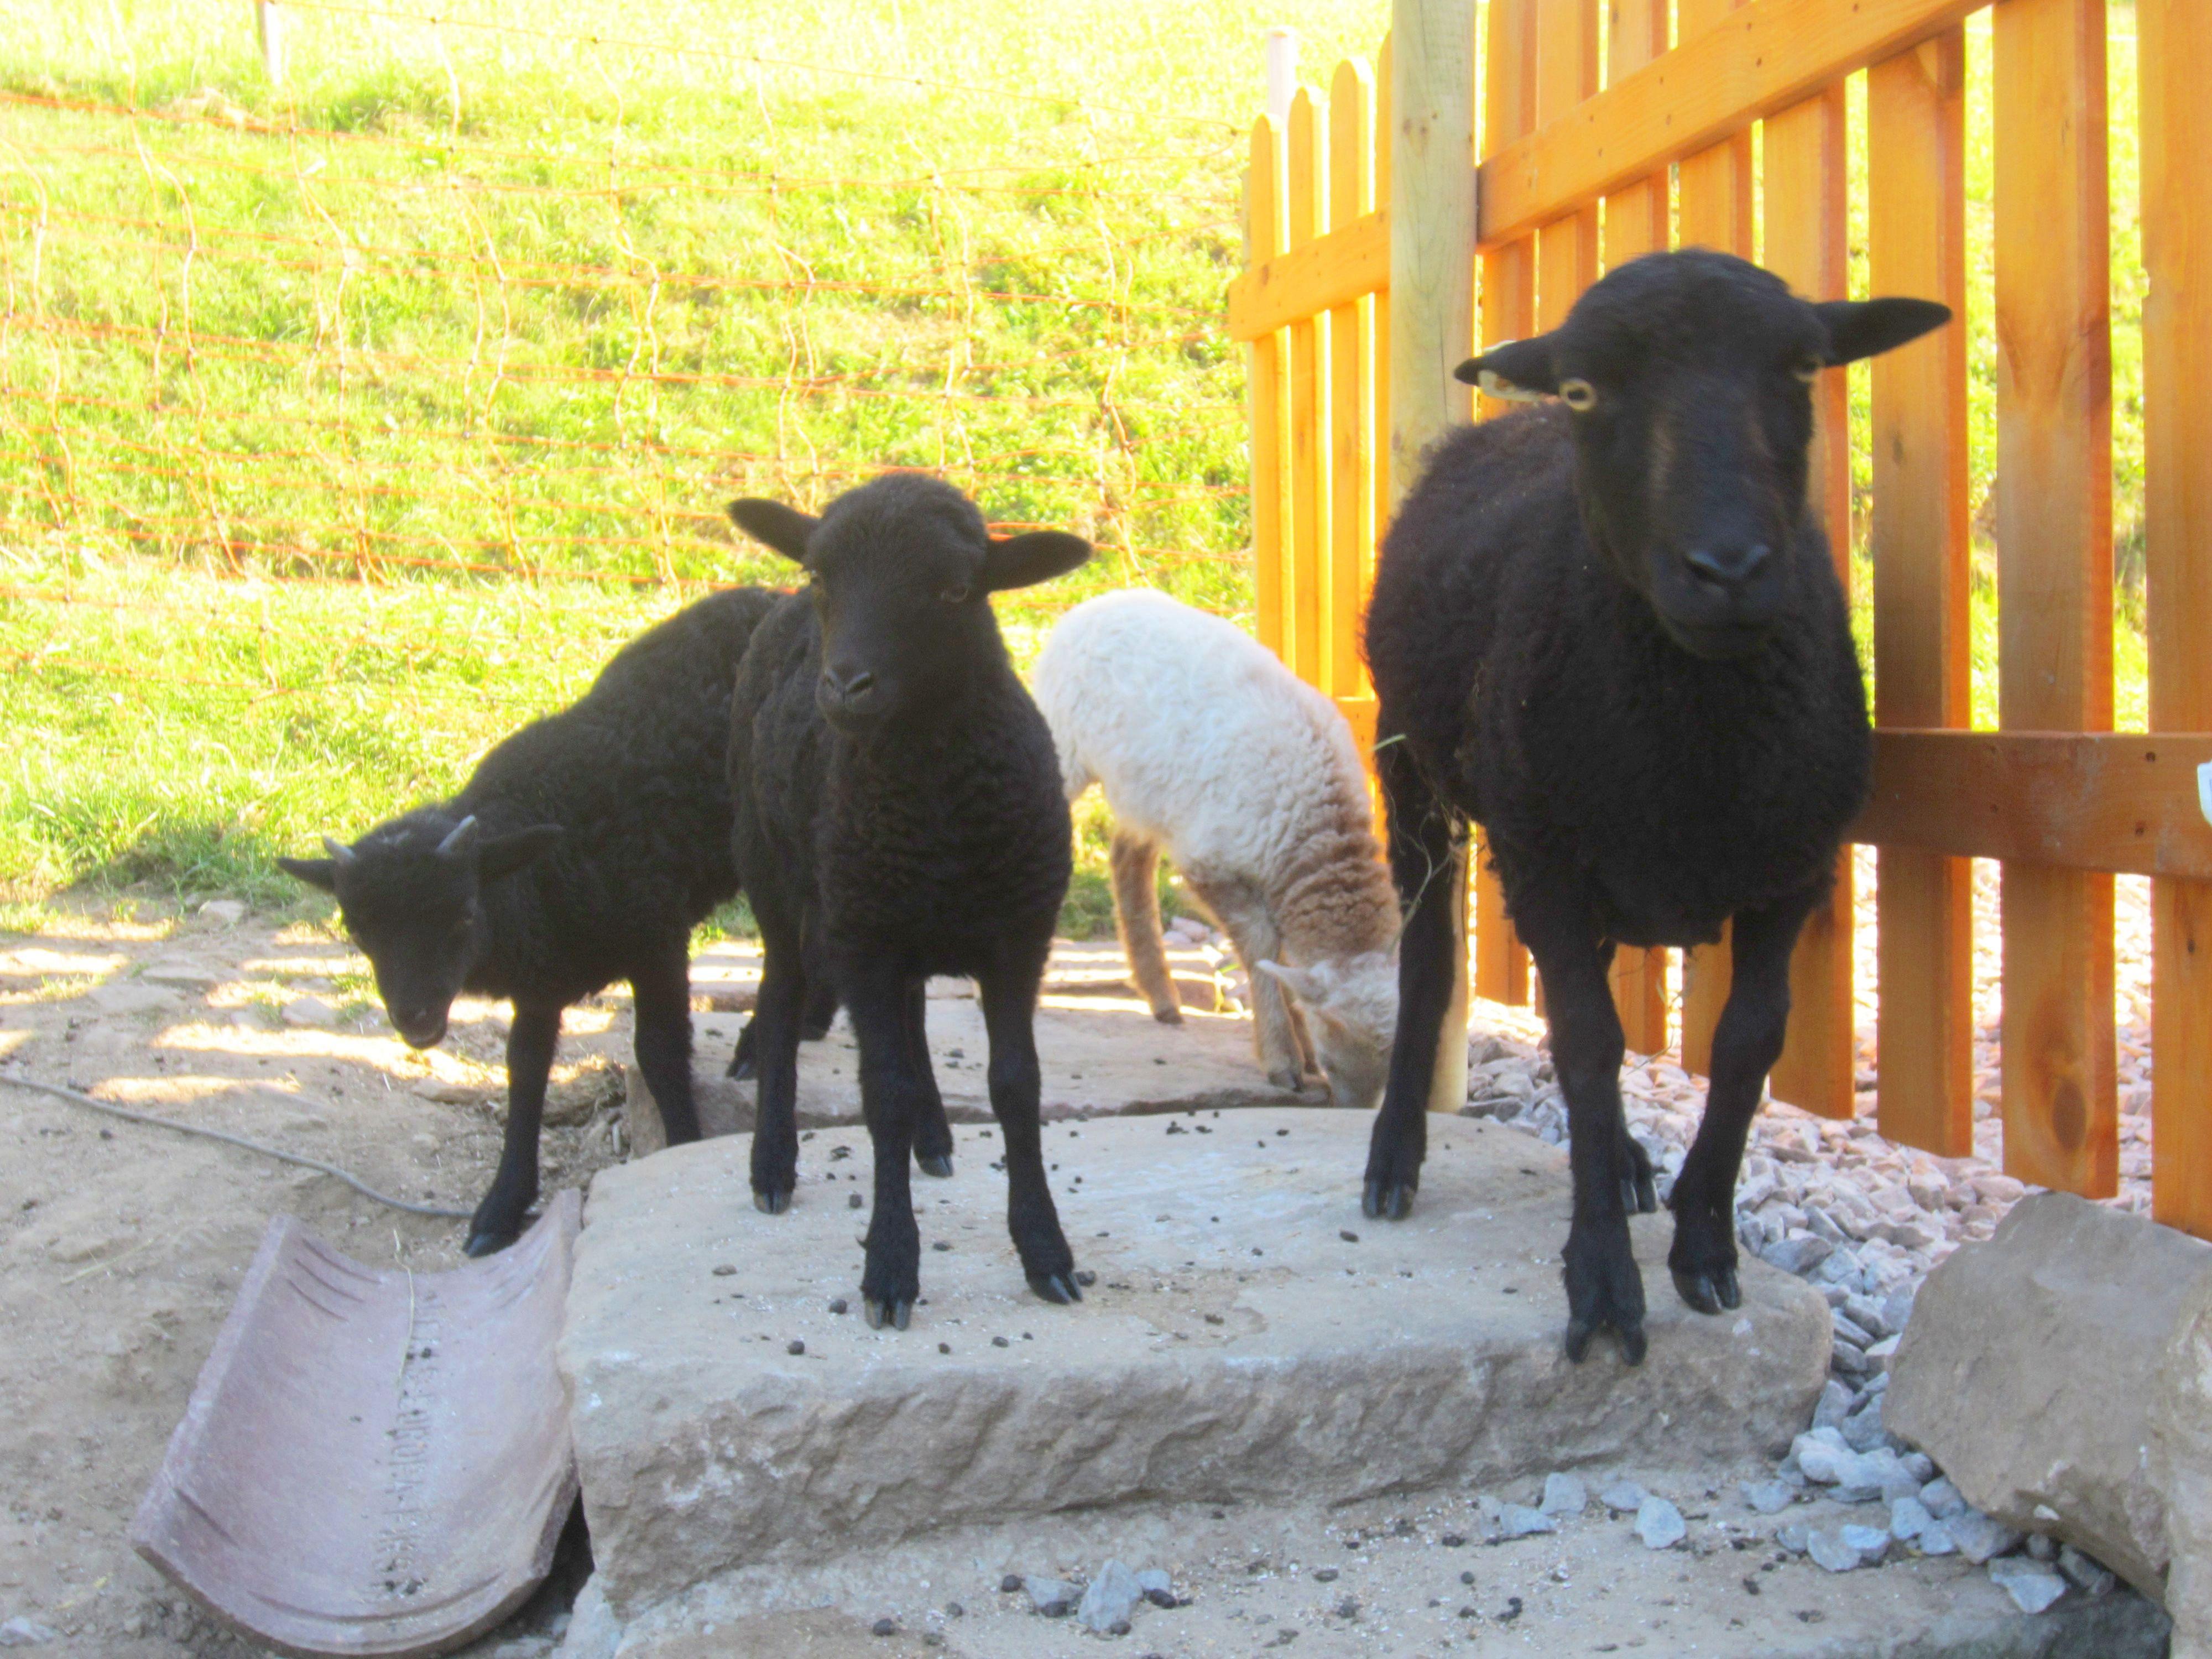 Ferien auf dem Bauernhof, Steicheltiere